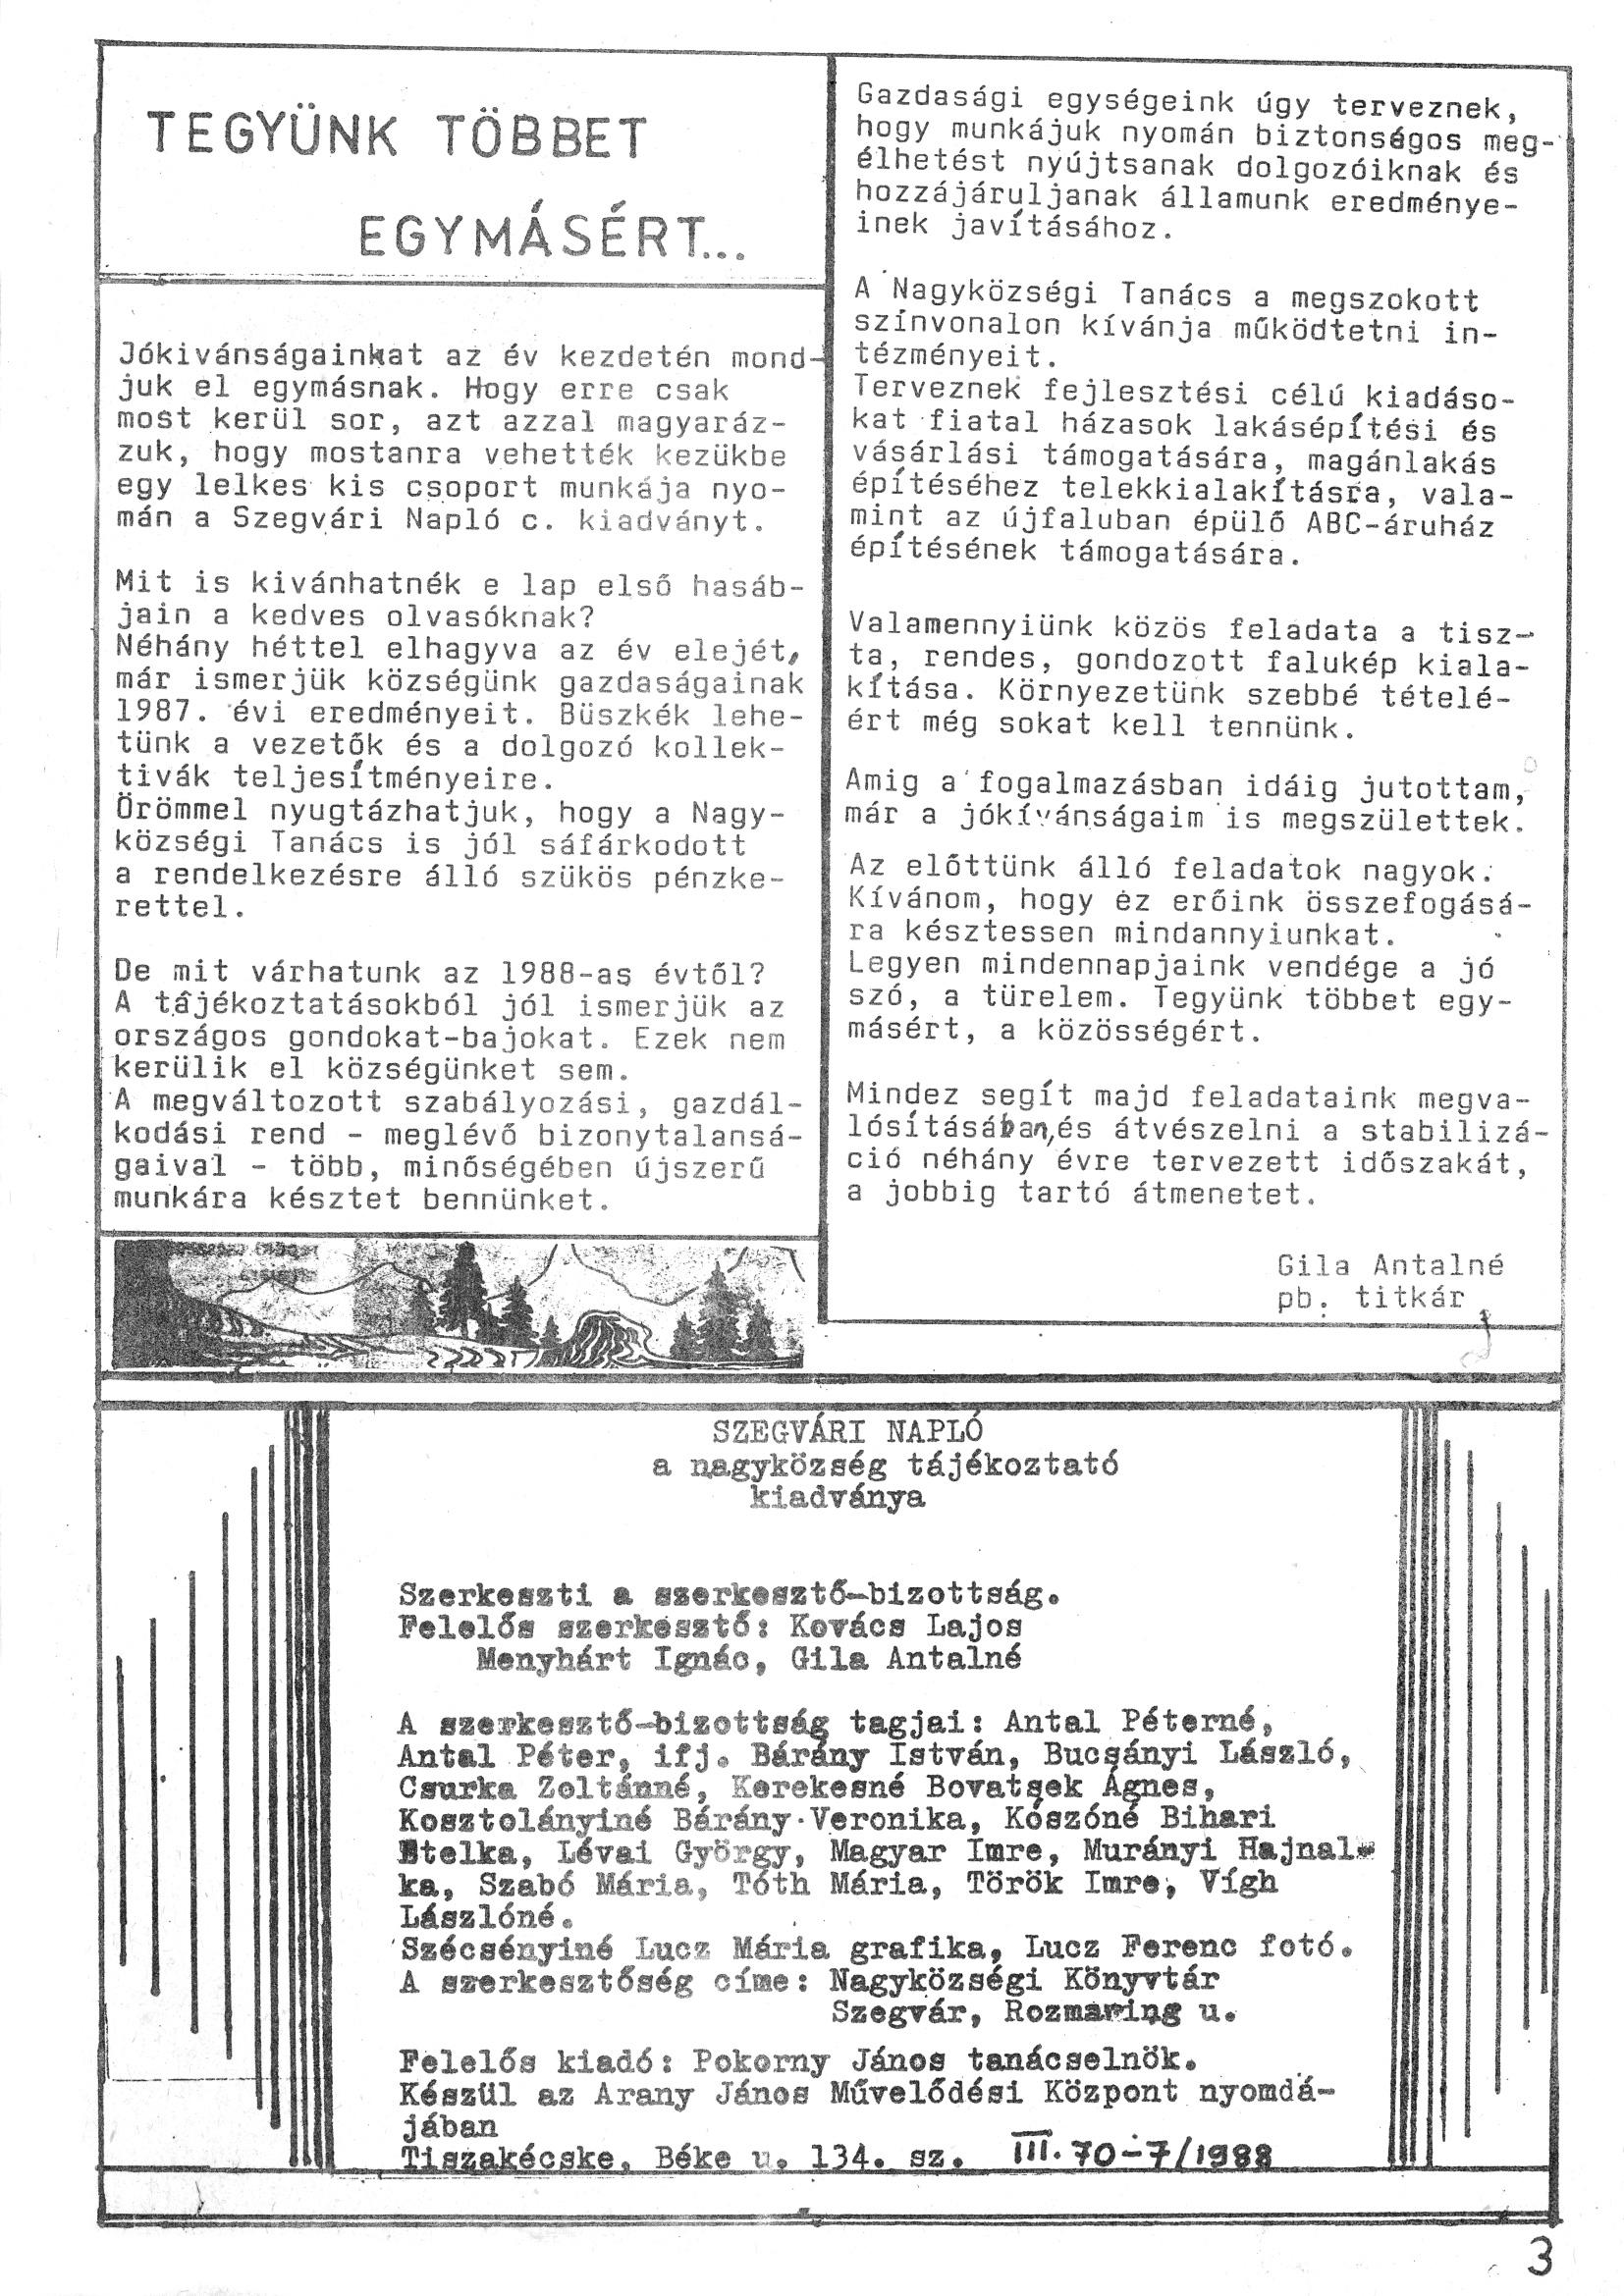 Szegvári Napló 001. lapszám – 1988. – 03. oldal – Digitalizá